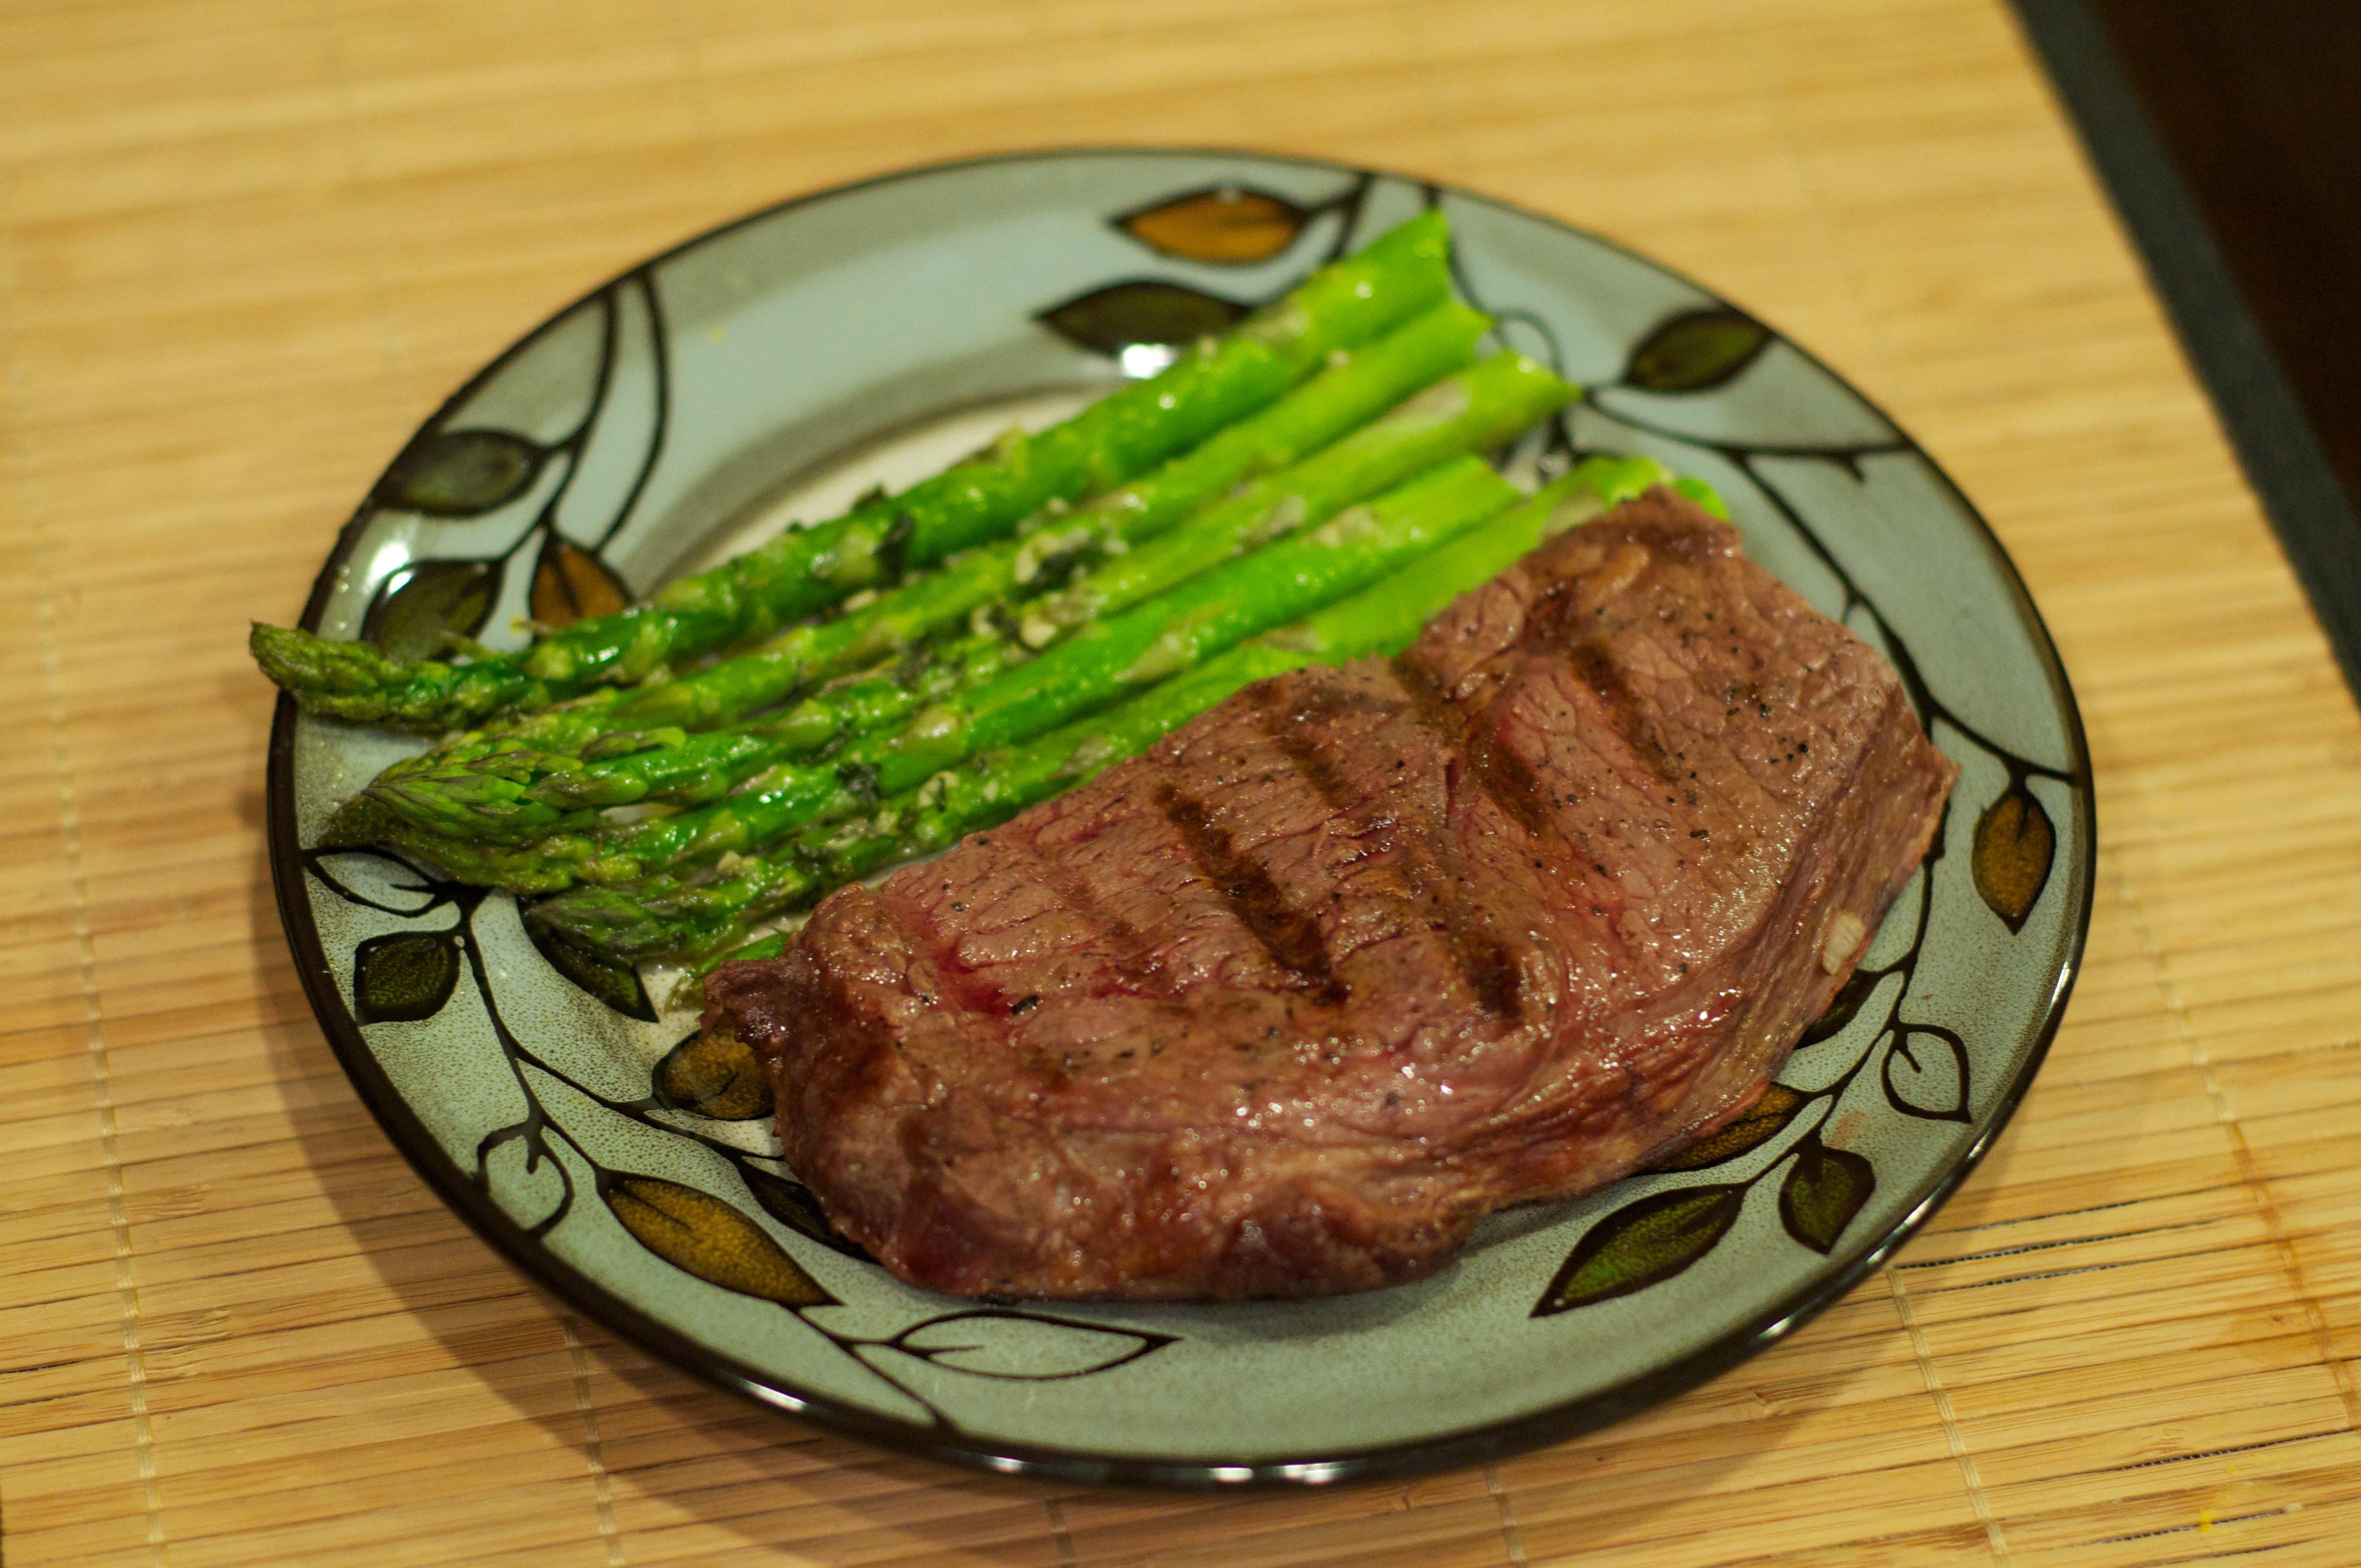 Steak And Asparagus 3